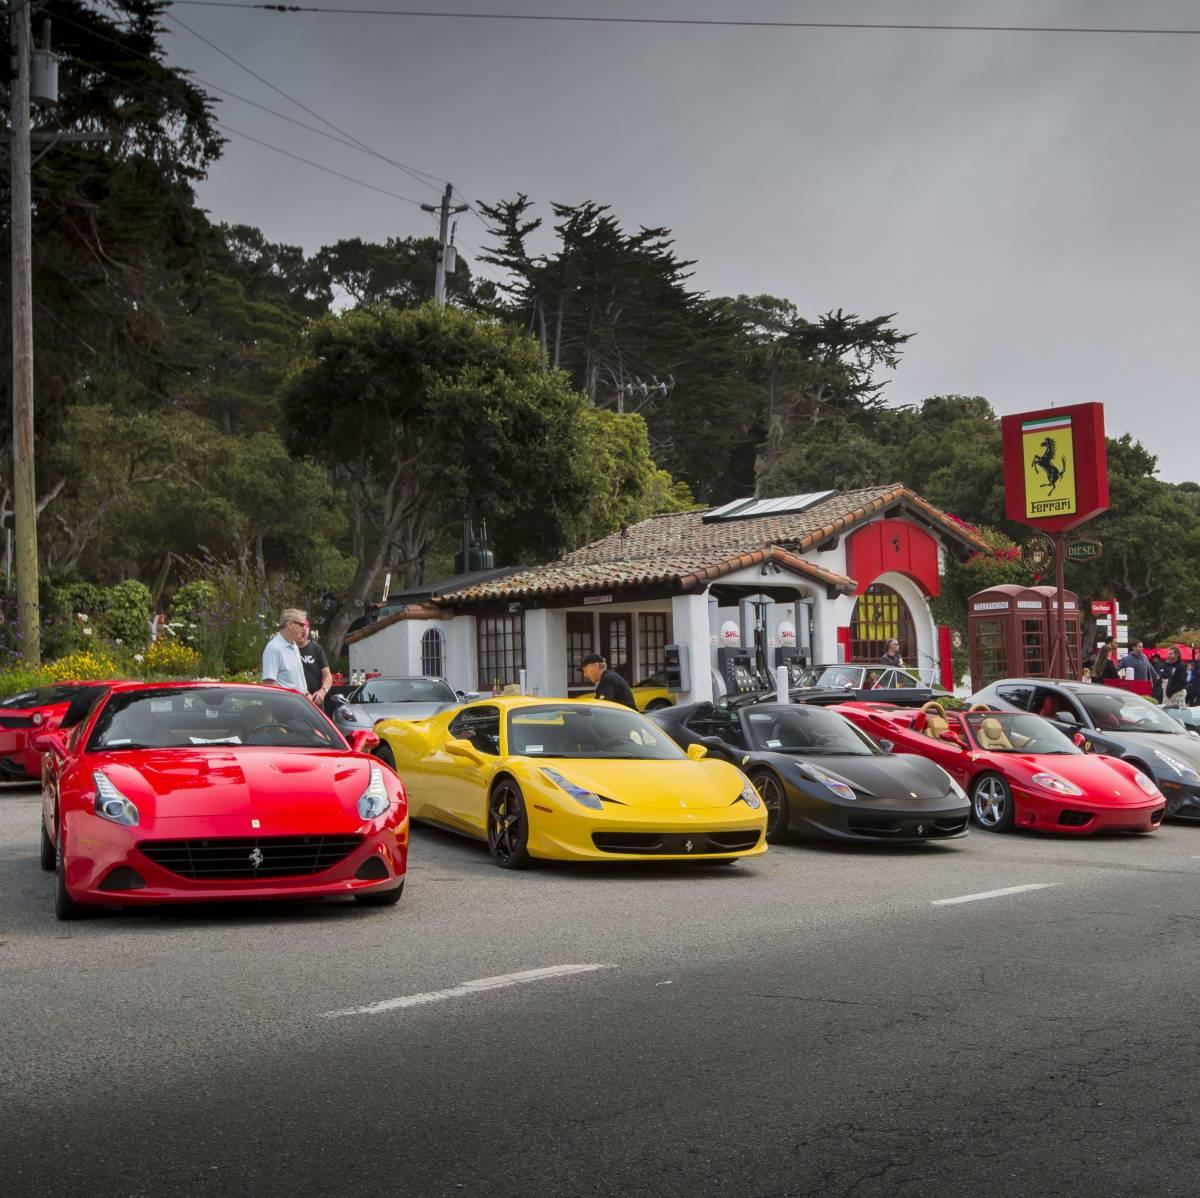 Ferrari mit höchster Marge aller Hersteller